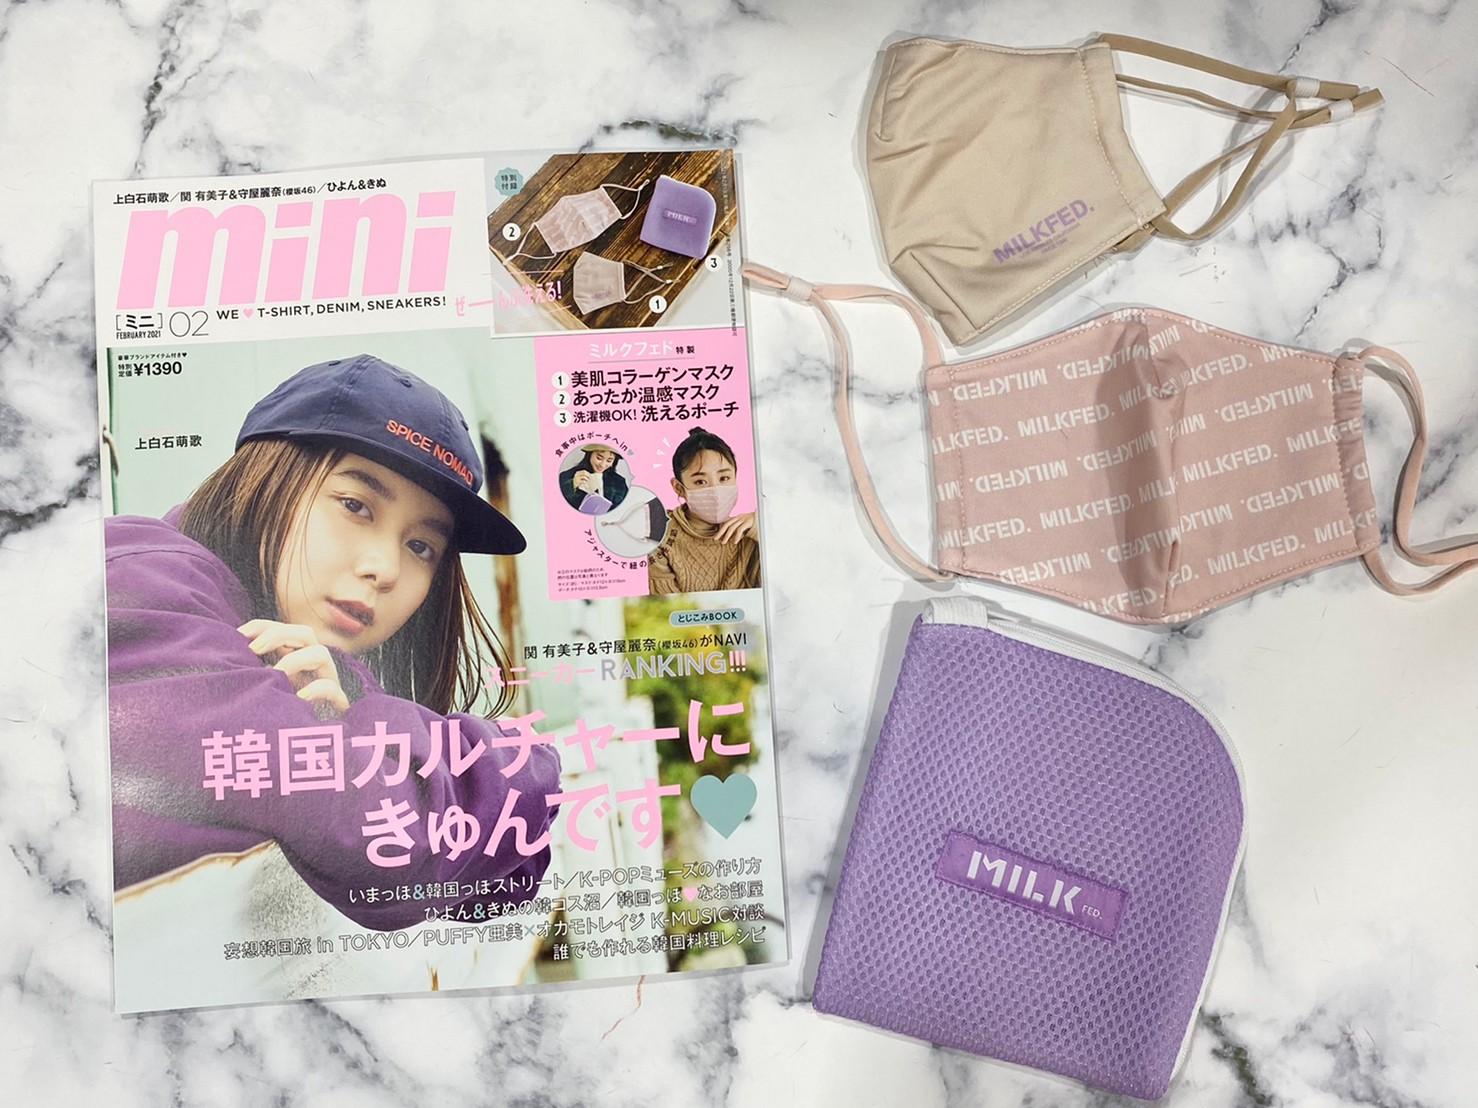 miniの雑誌と付録の画像